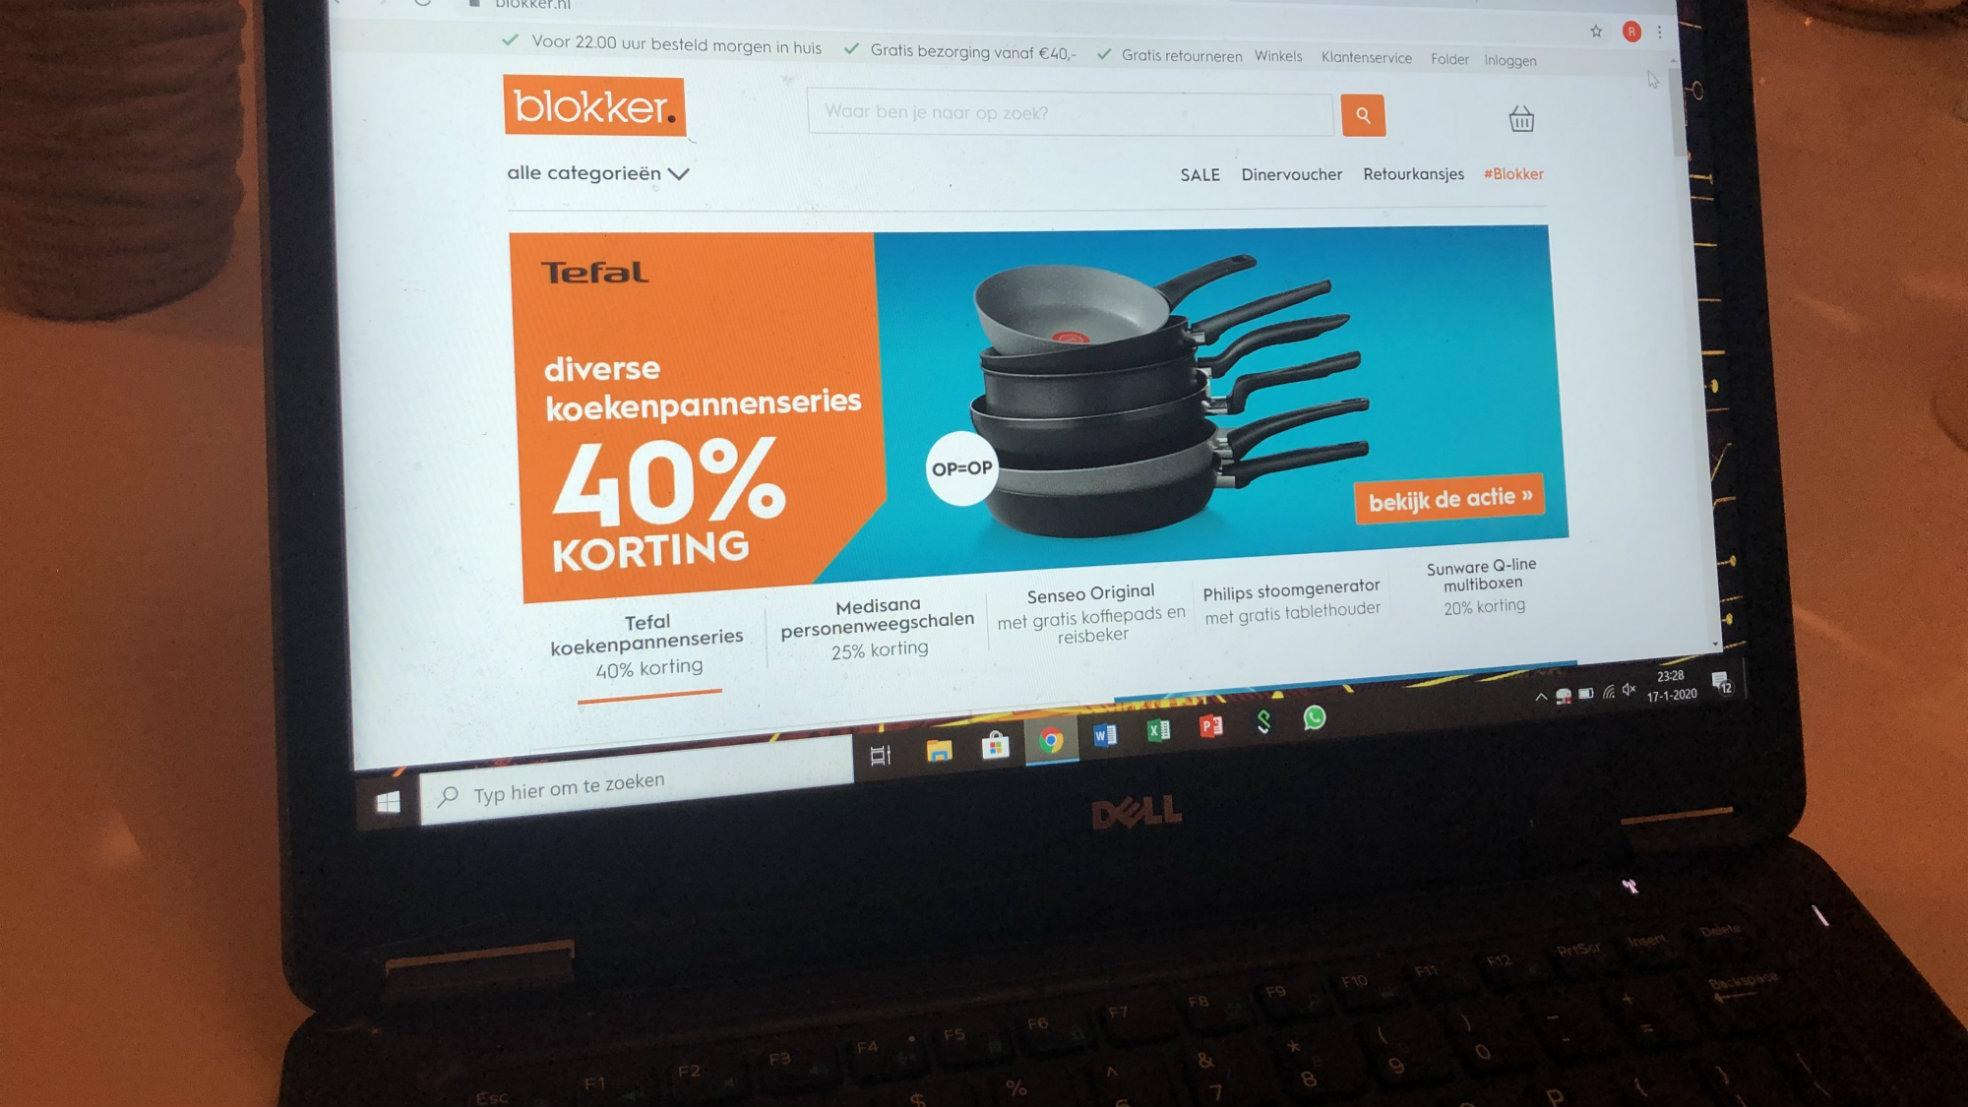 Blokker website